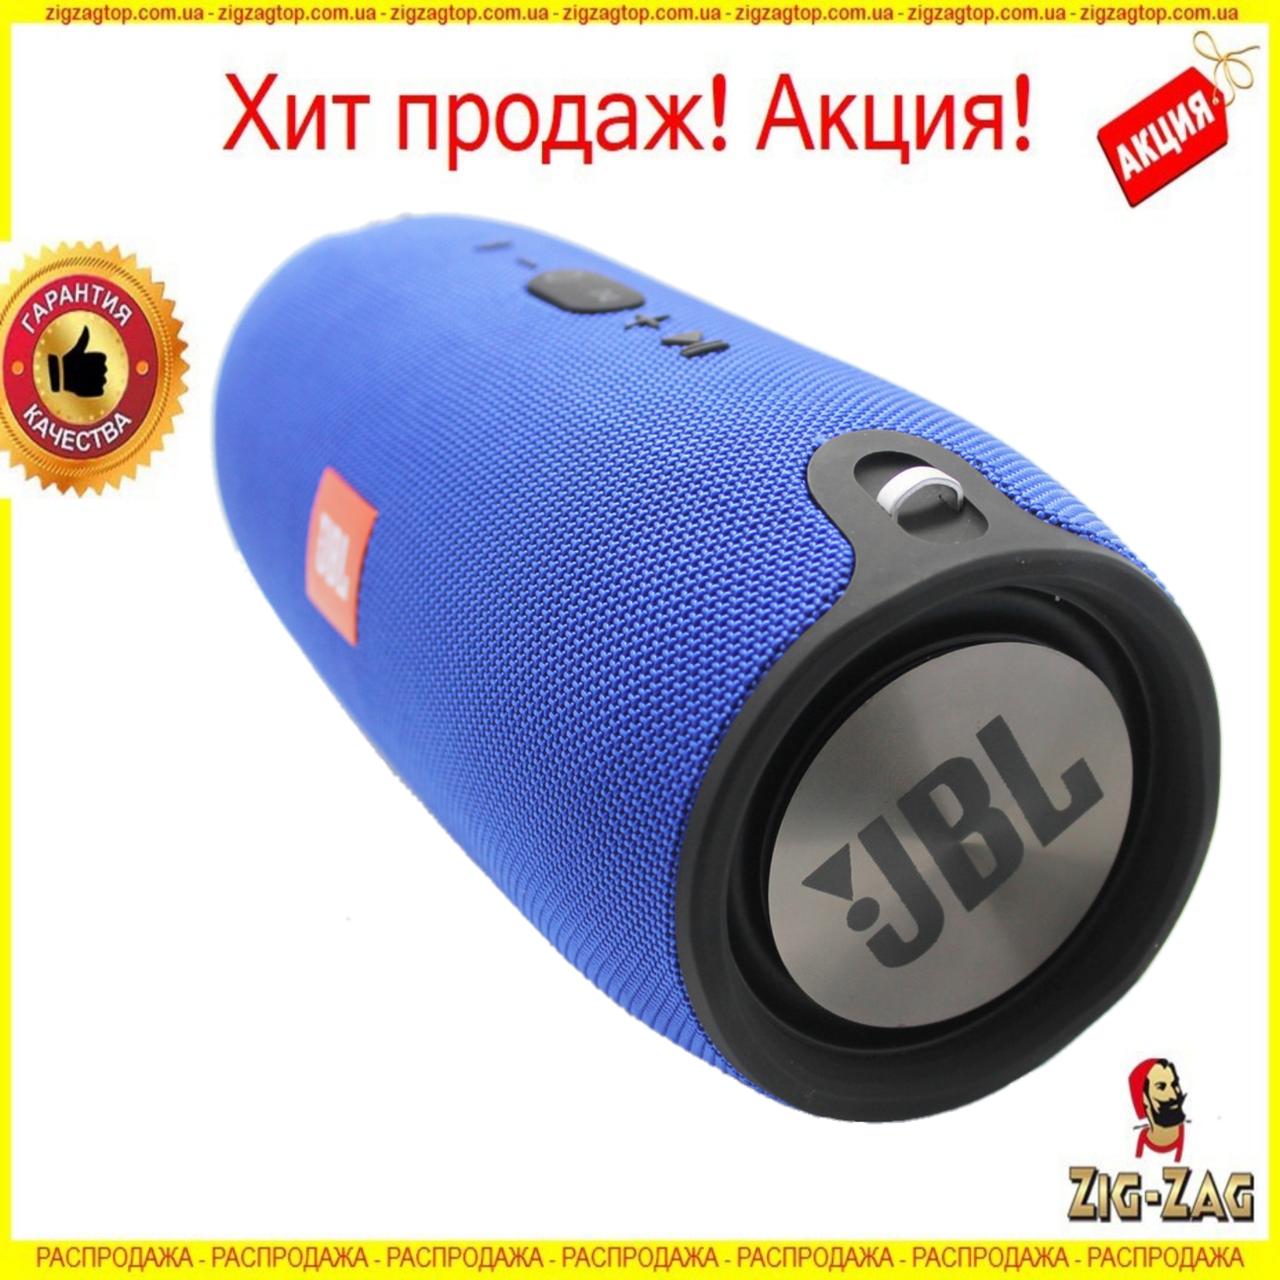 КОЛОНКА Bluetooth JBL 40ВТ Xtreme BIG Бездротова Акустика Джбл СИНЯ Екстрим Extreme Біг Блютуз Bluetooth